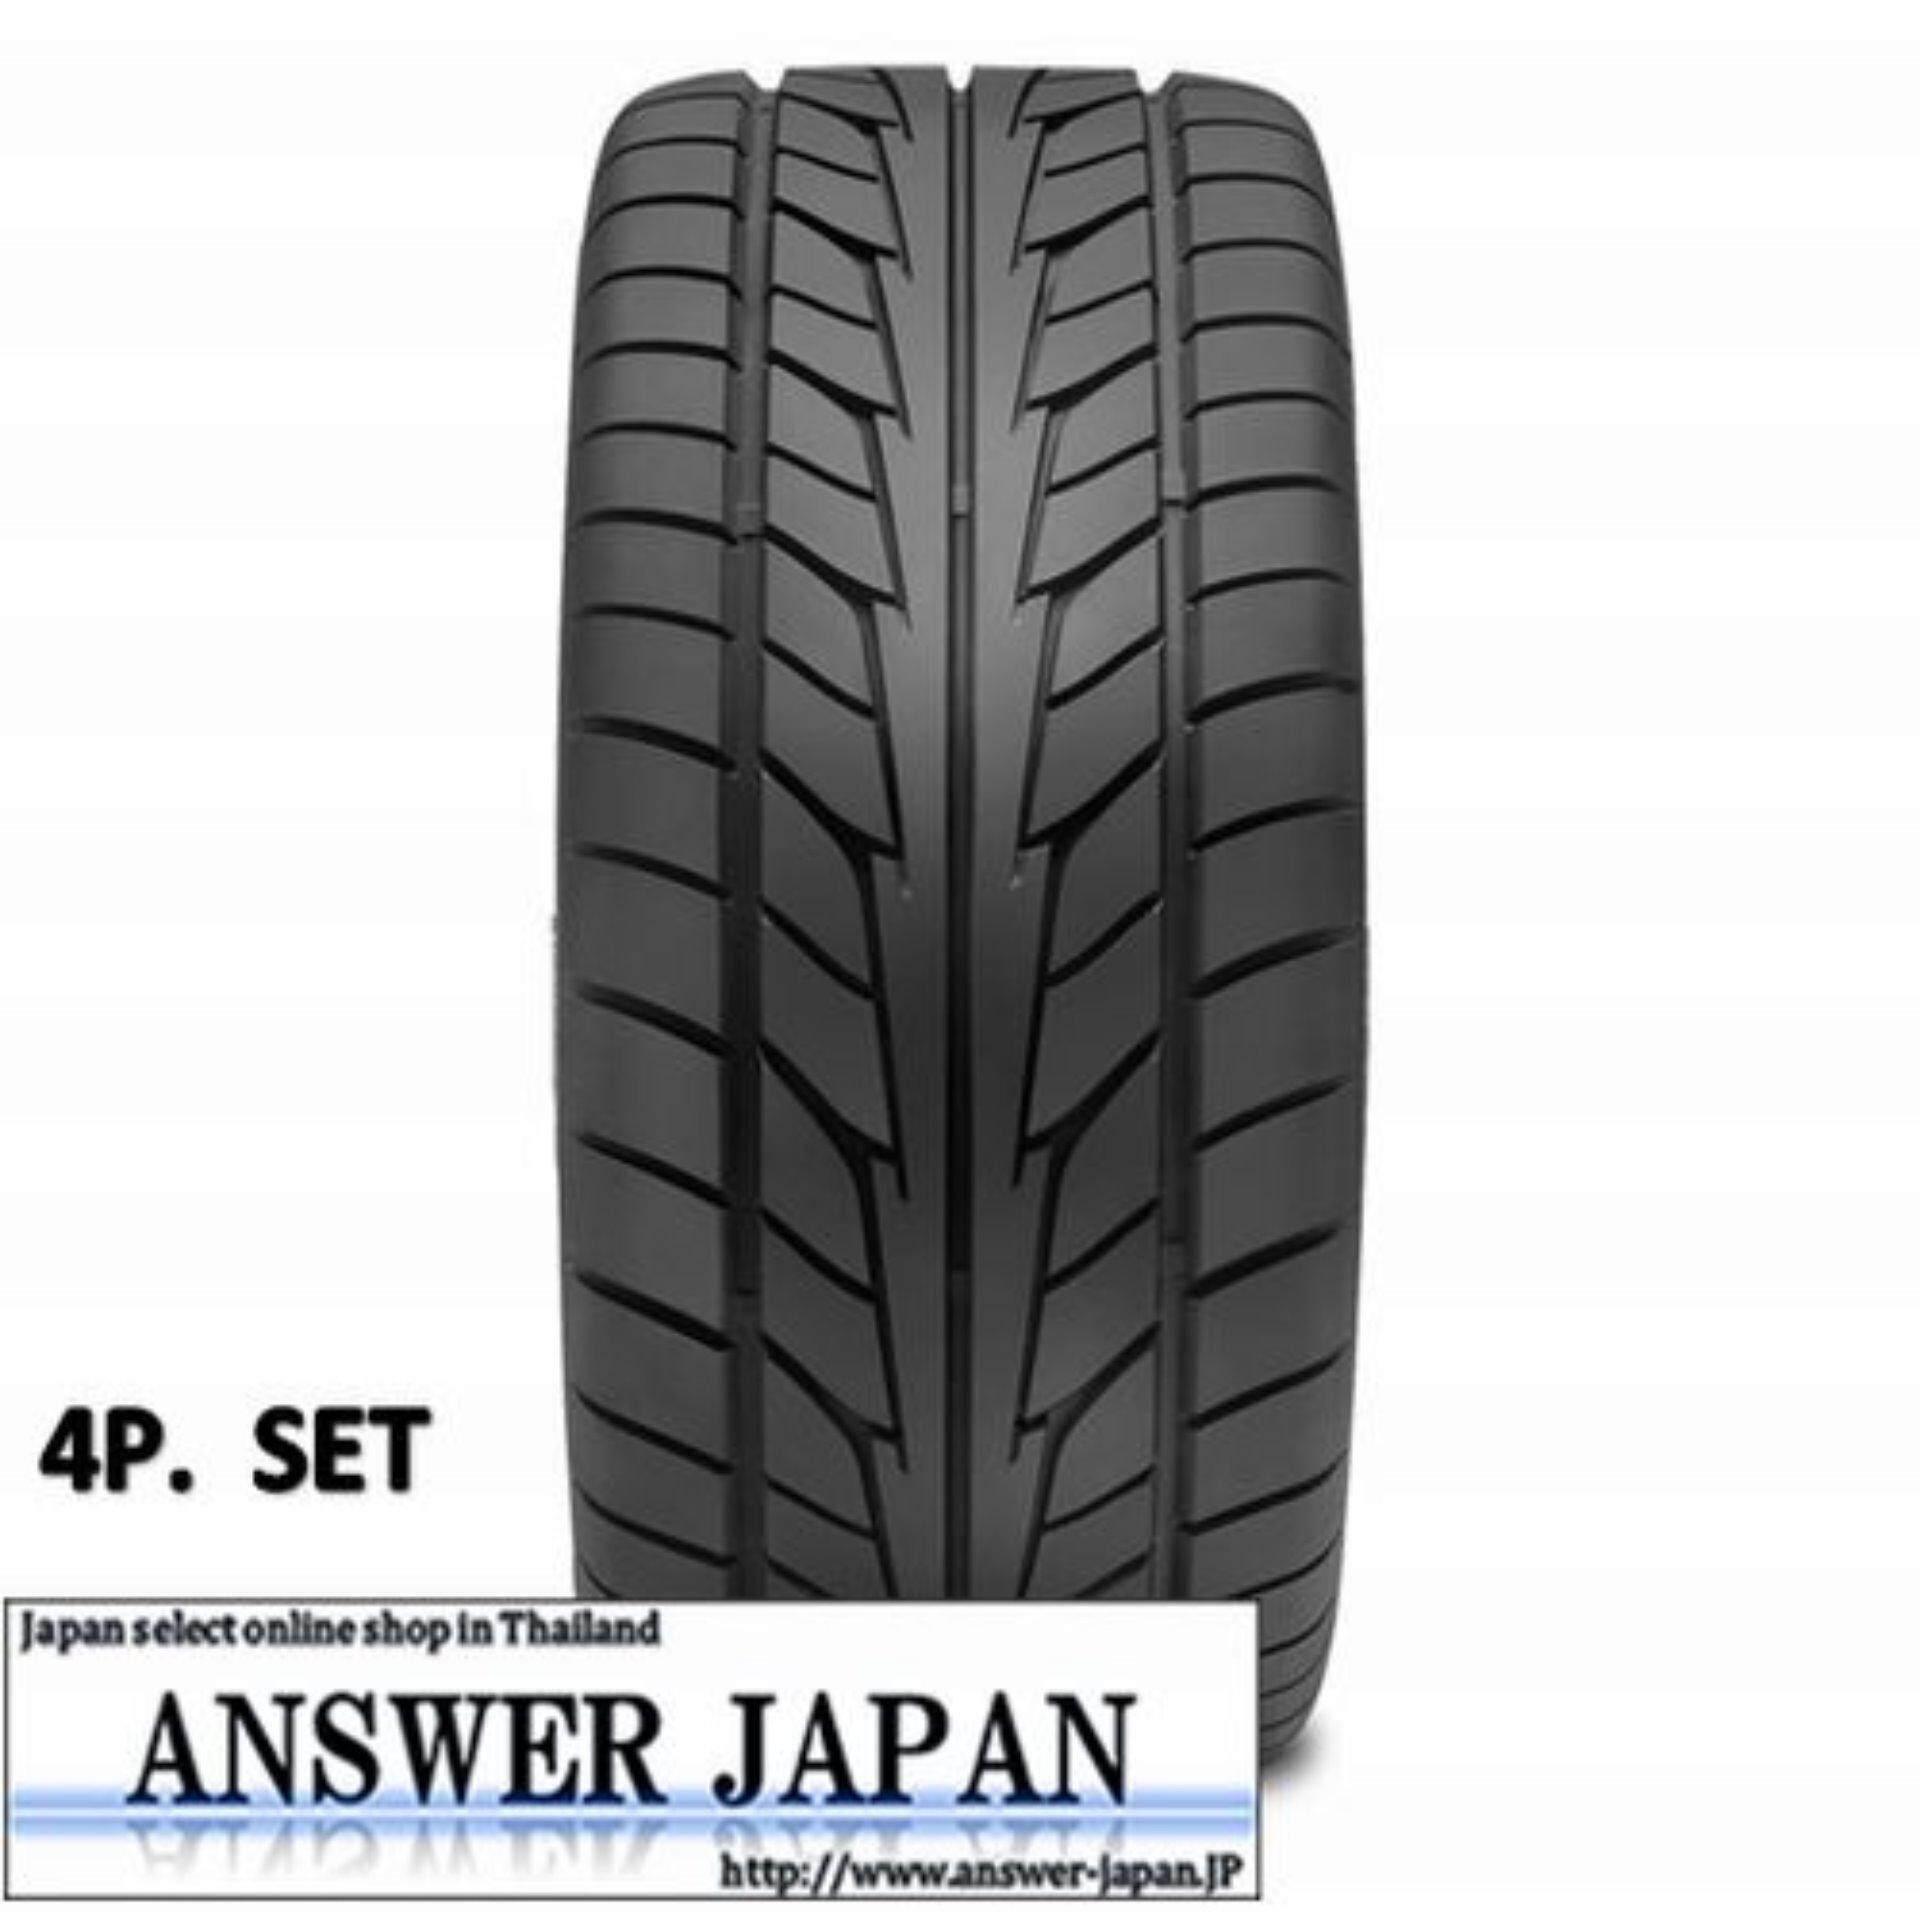 ประกันภัย รถยนต์ แบบ ผ่อน ได้ เพชรบุรี ยาง NITTO NT555 245/35 R20 (ANSWER-JAPAN)